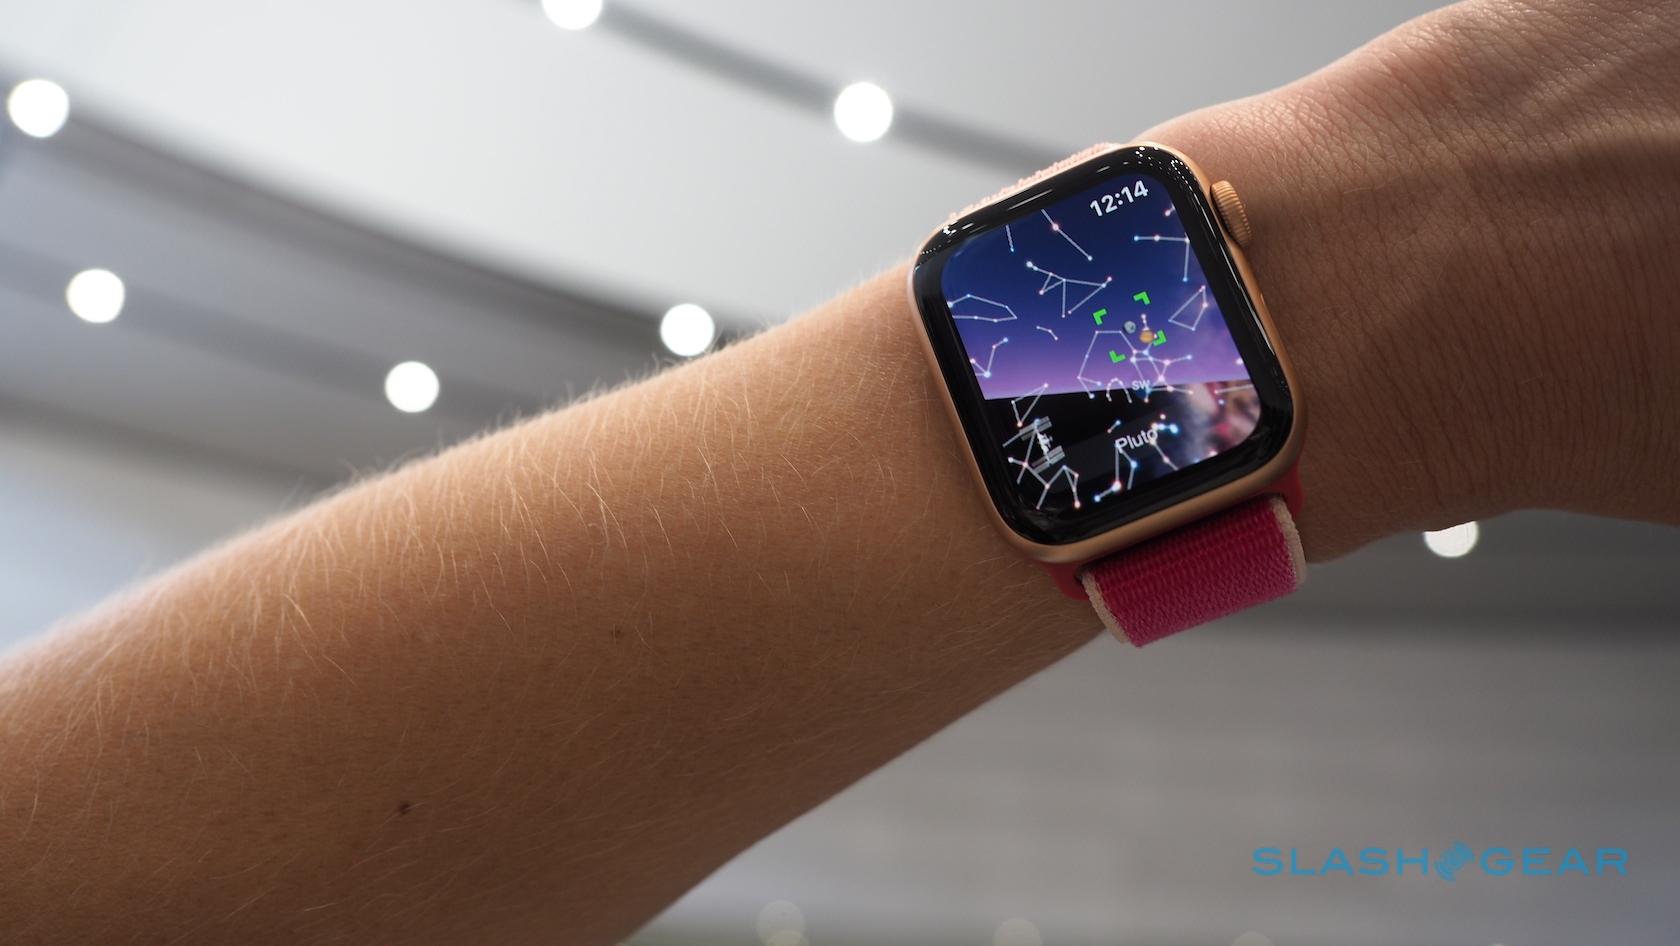 Apple Watch Series 5 Gallery - SlashGear